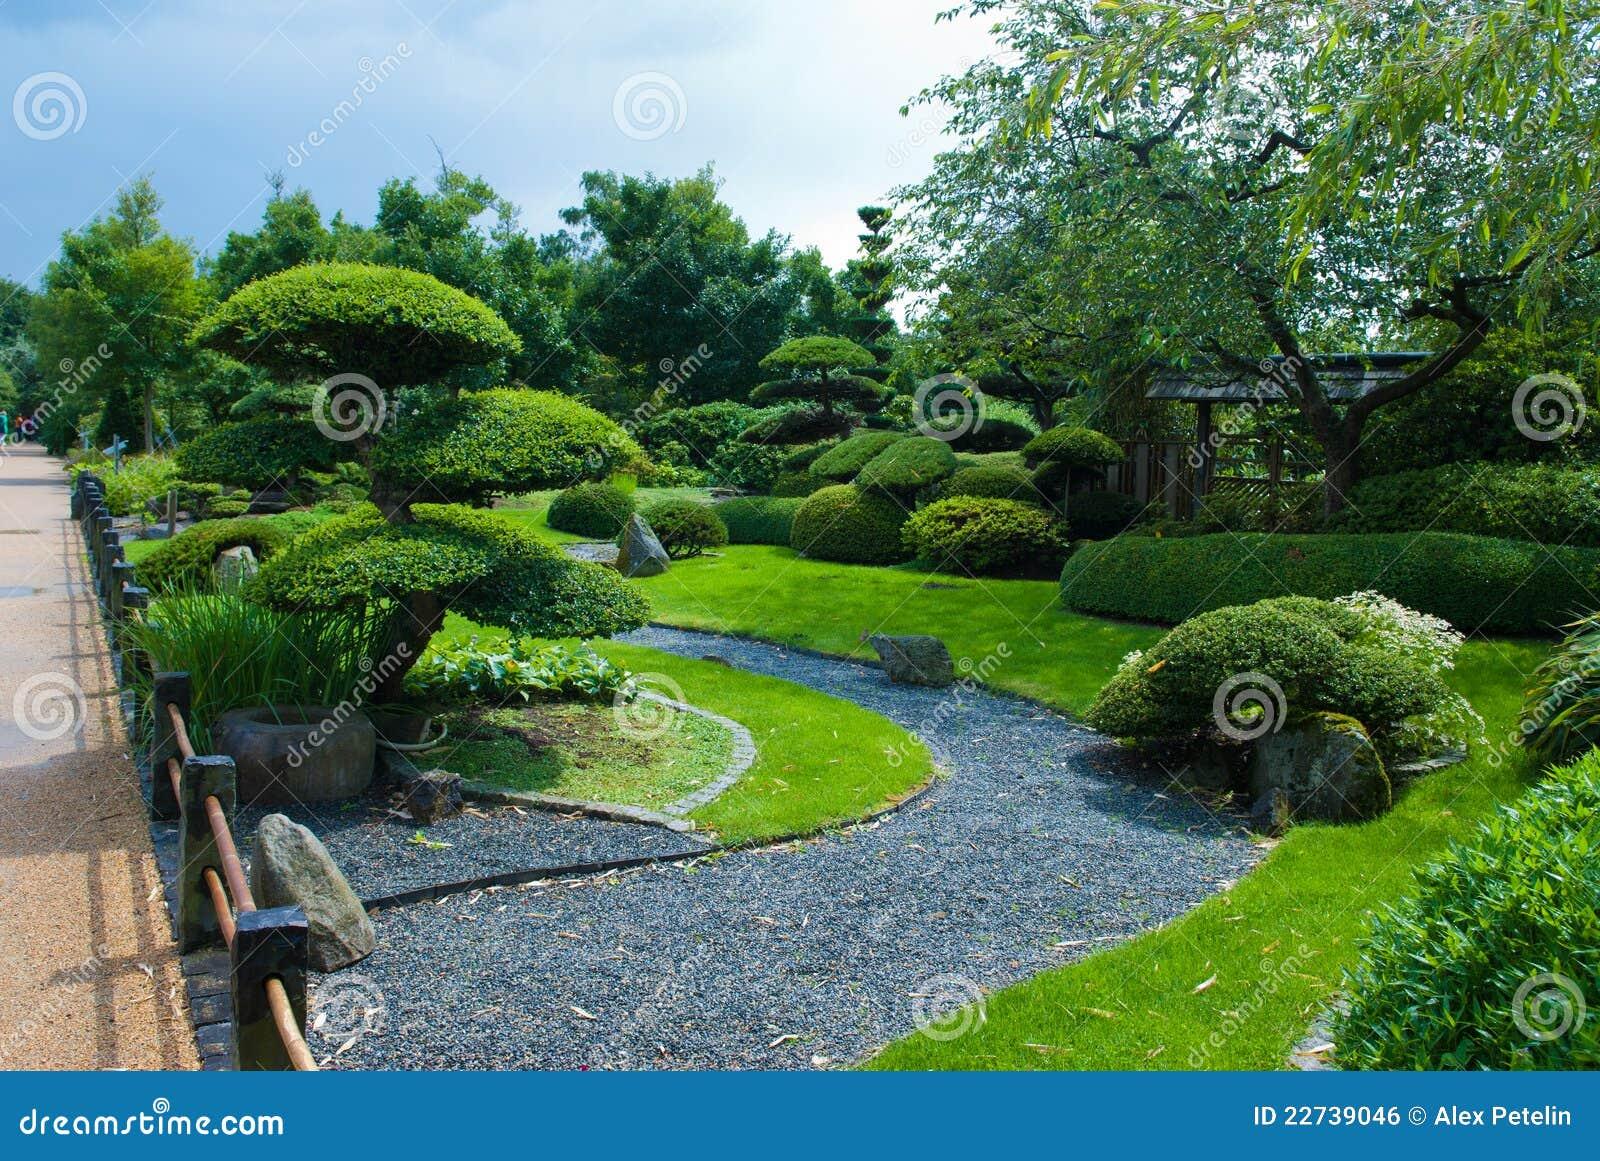 Art topiaire japonais de jardin image libre de droits - Jardin topiaire ...